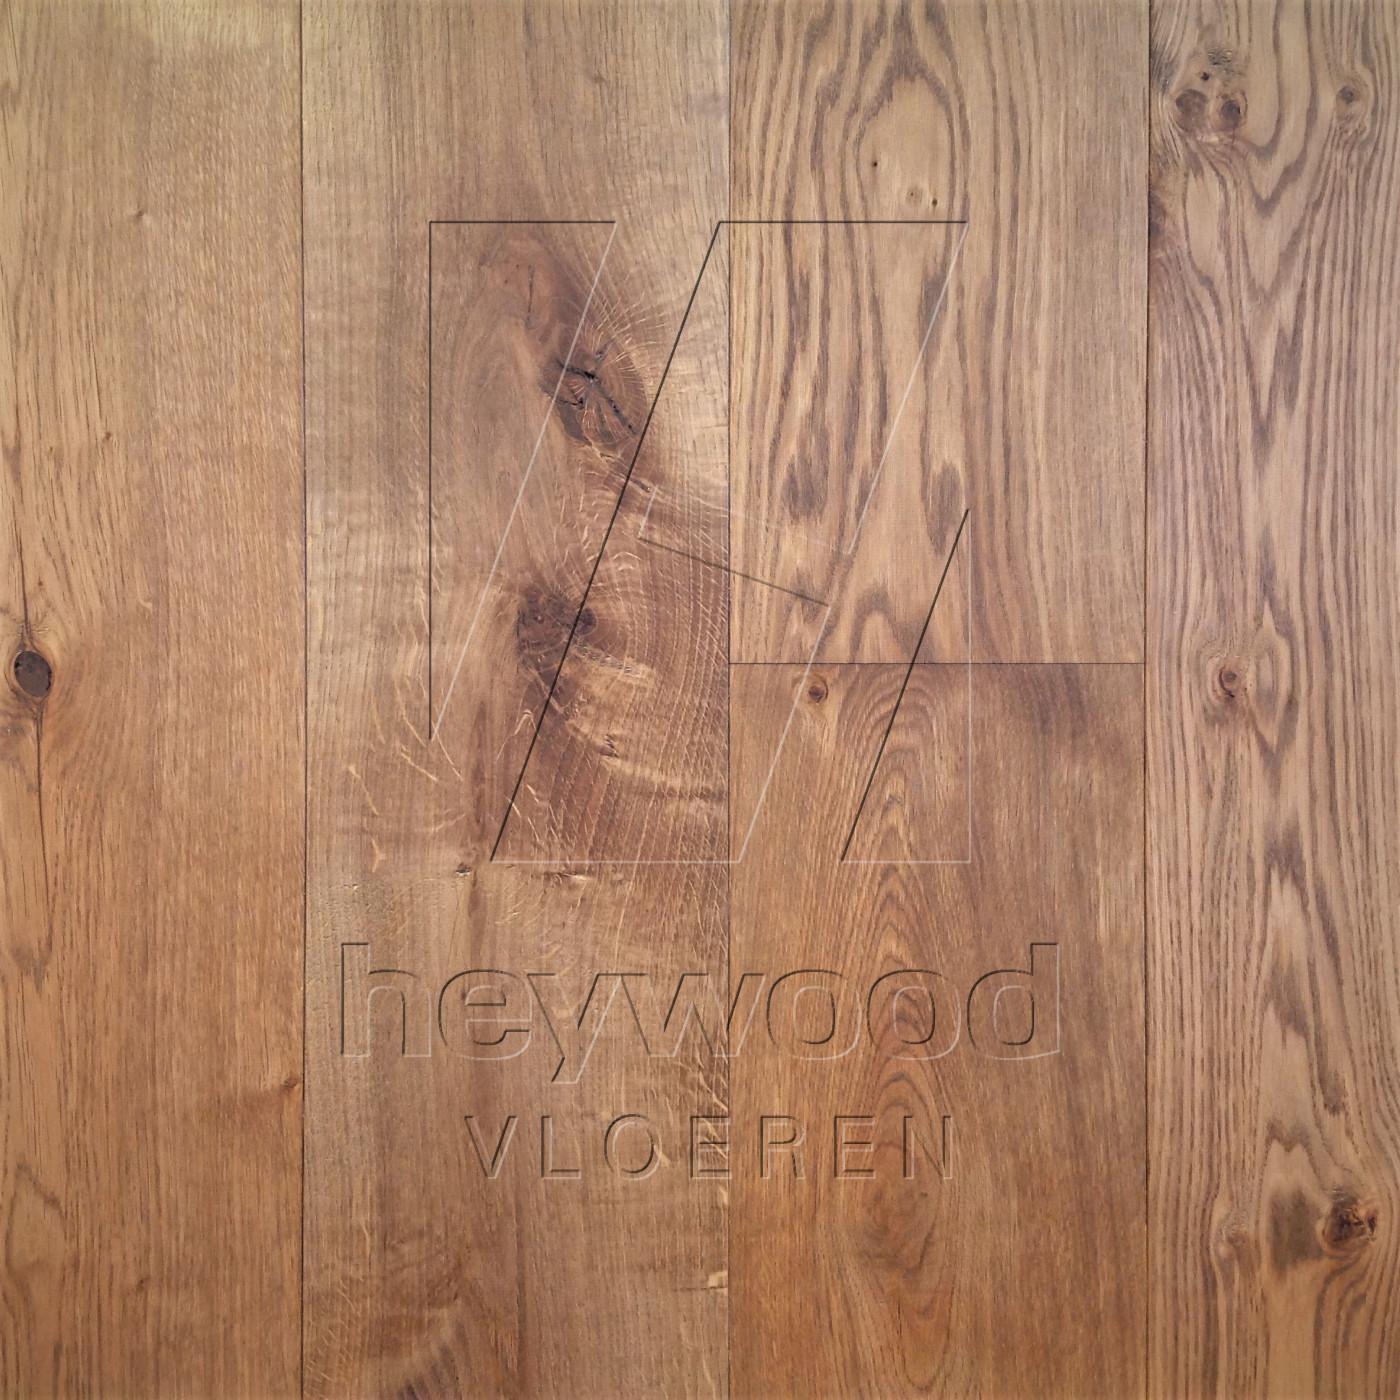 Plank Graz in European Oak Character of Bespoke Wooden Floors